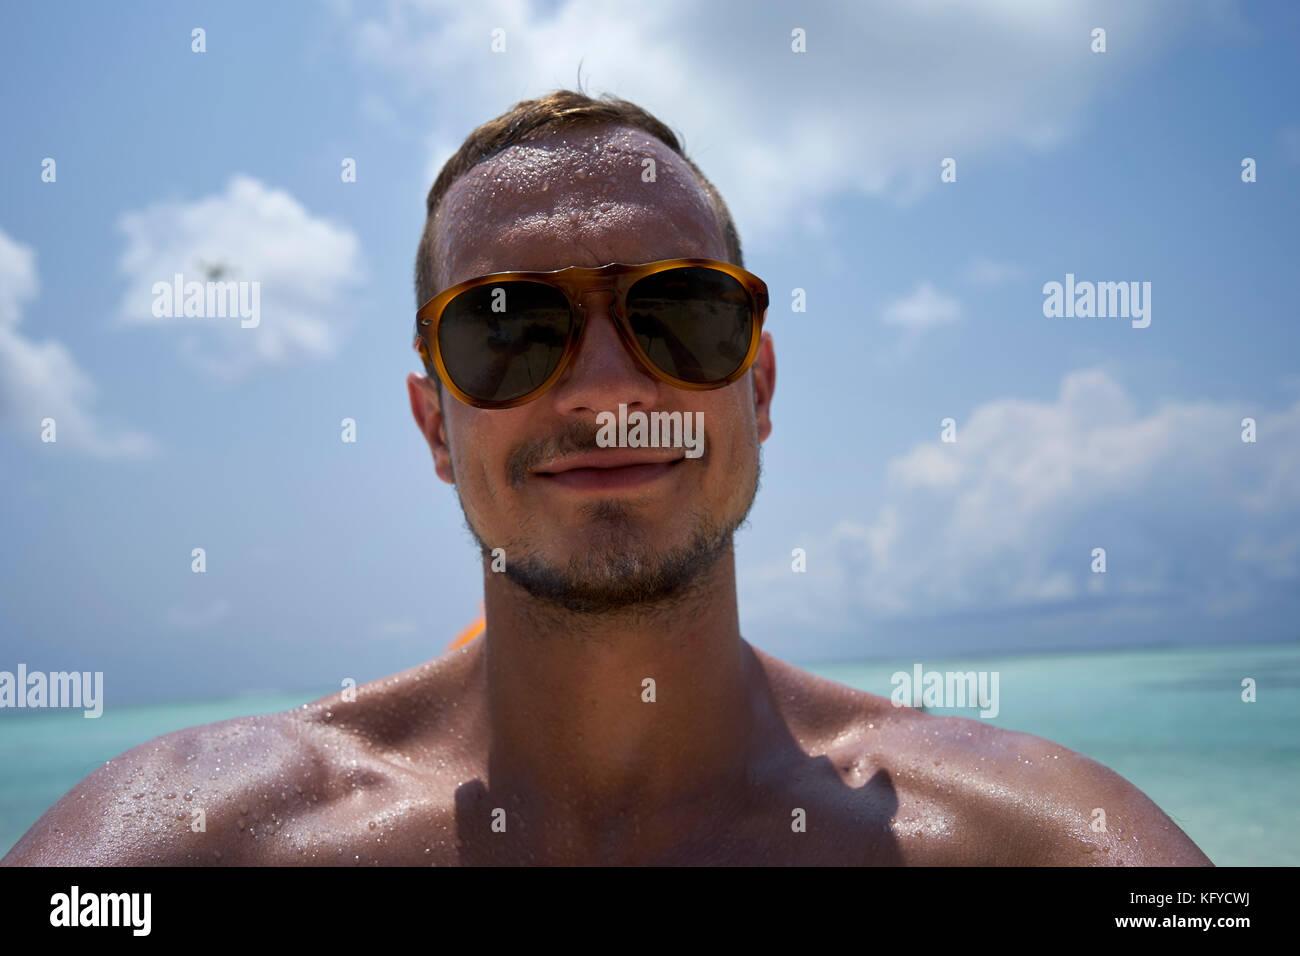 Hombre con pelo corto, barba y gafas de sol toma un selfie en la playa Imagen De Stock